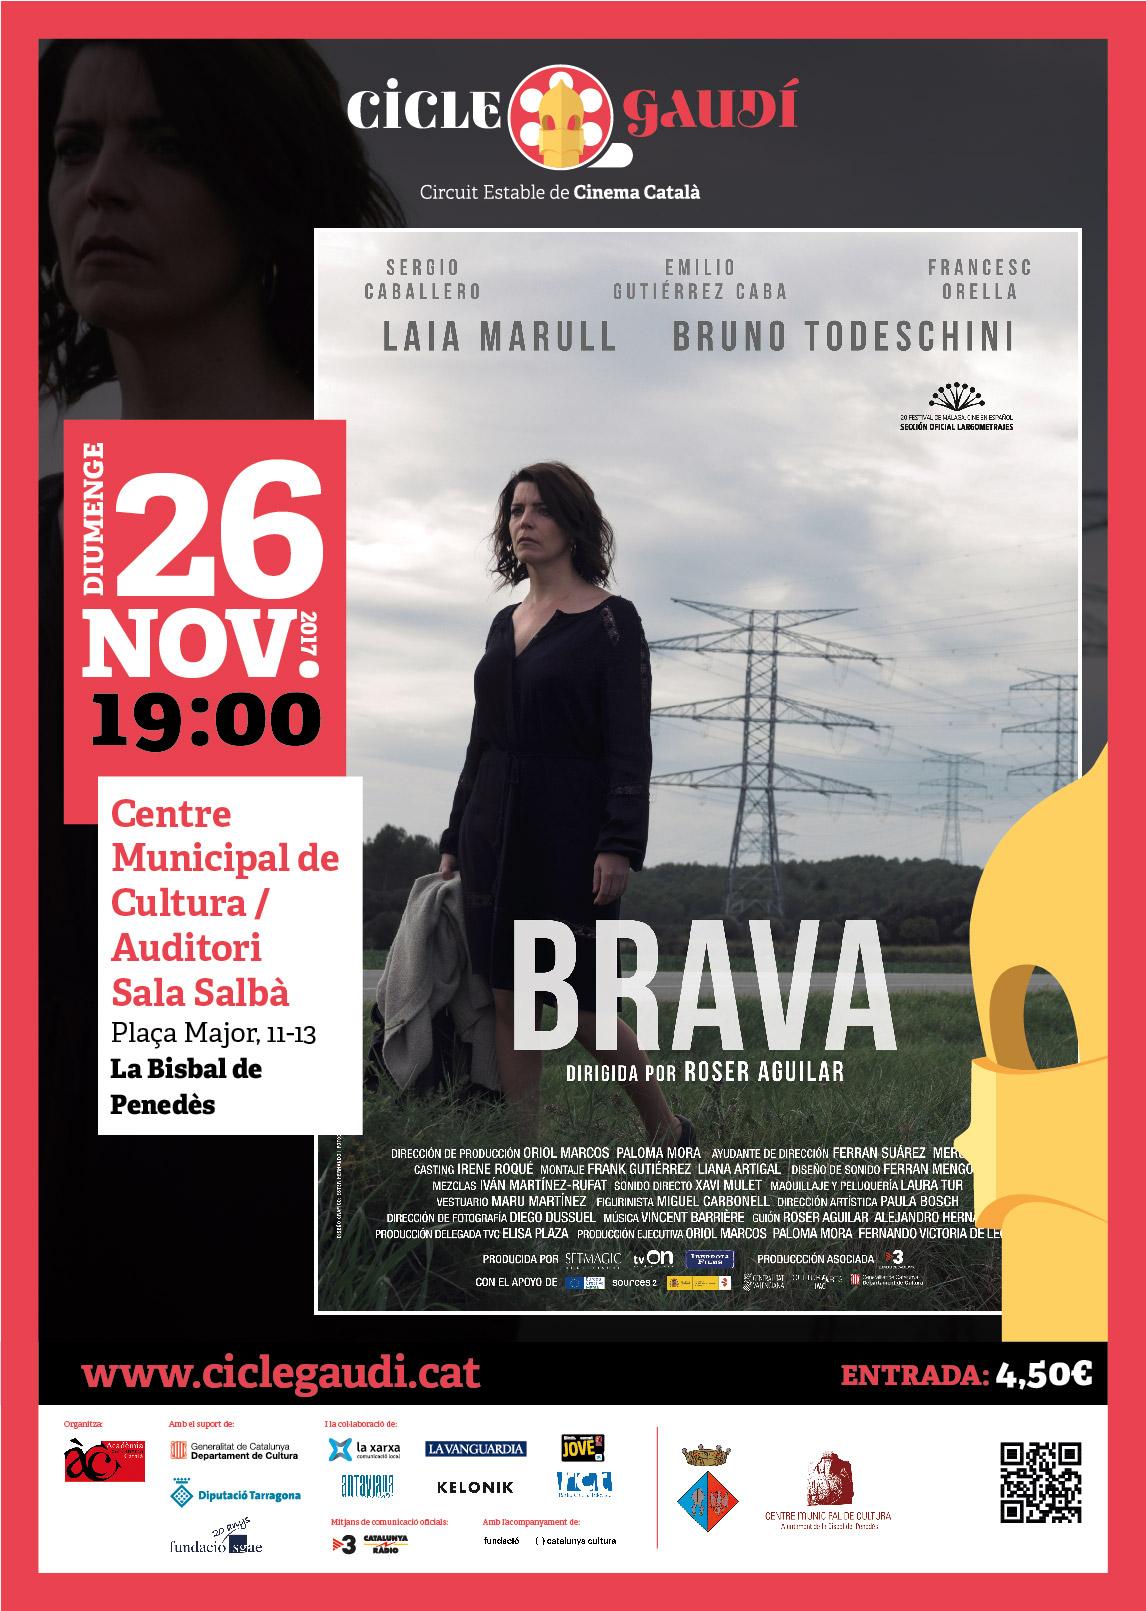 El diumenge 26 de novembre es projectarà 'Brava' a La Bisbal del Penedès en el marc del Cicle Gaudí